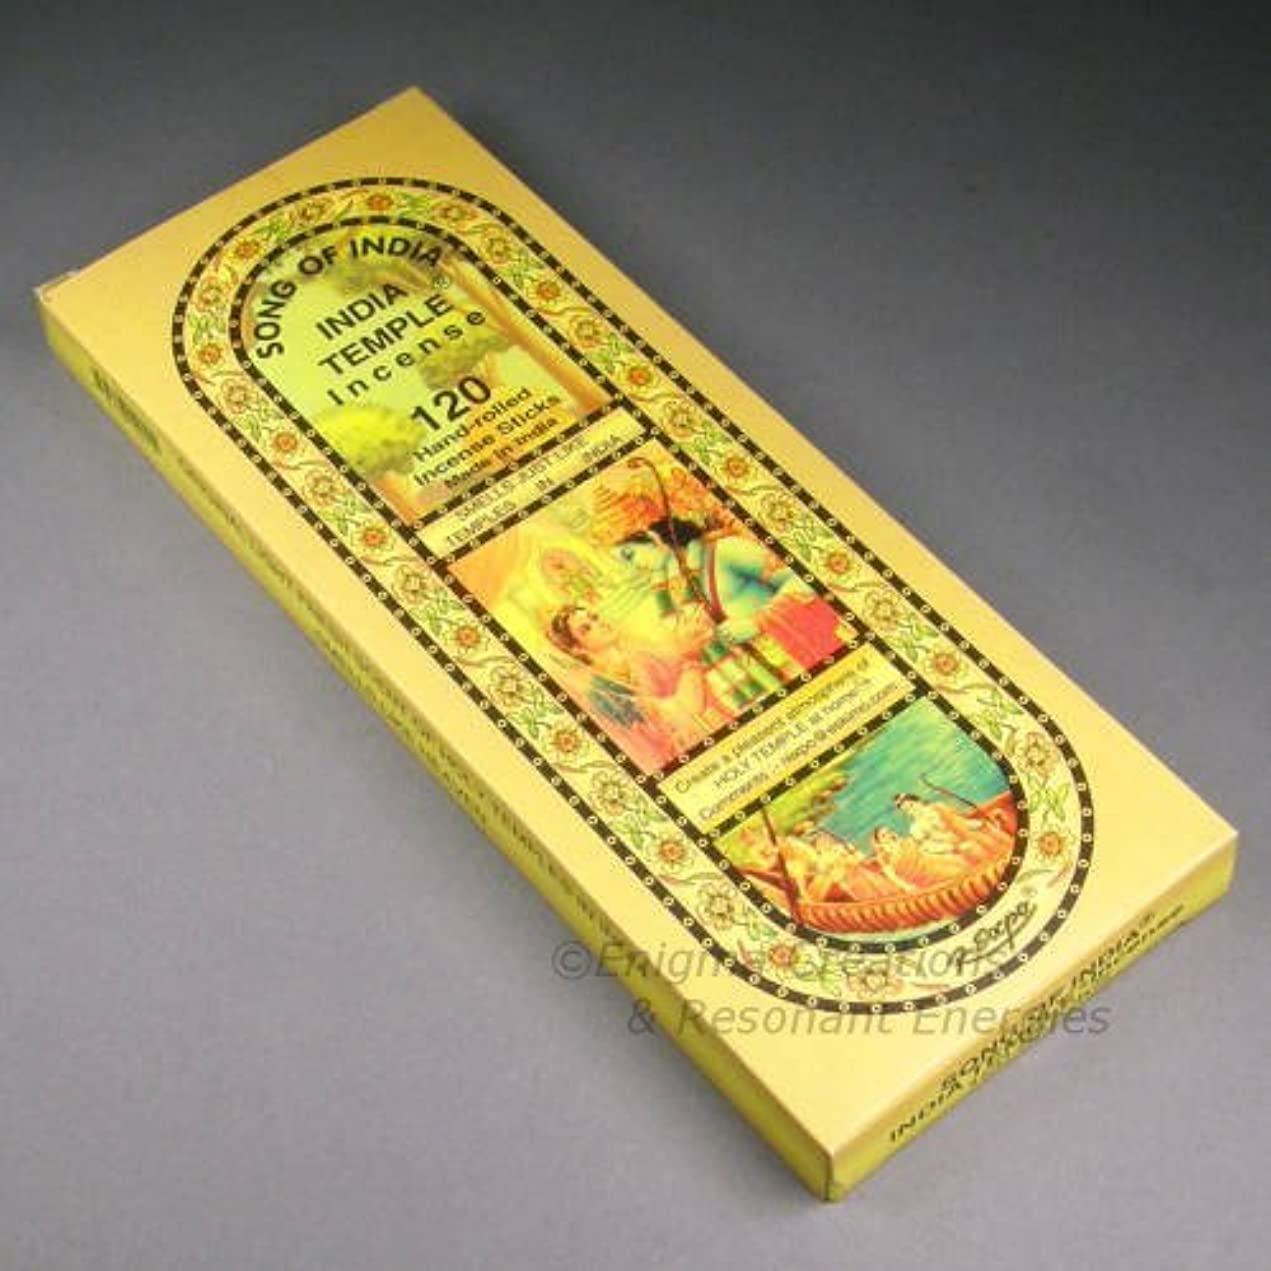 セミナー私たちのものどうやってSong of India - India Temple Incense, 120 Stick Pack, (IN9) by Song of India [並行輸入品]